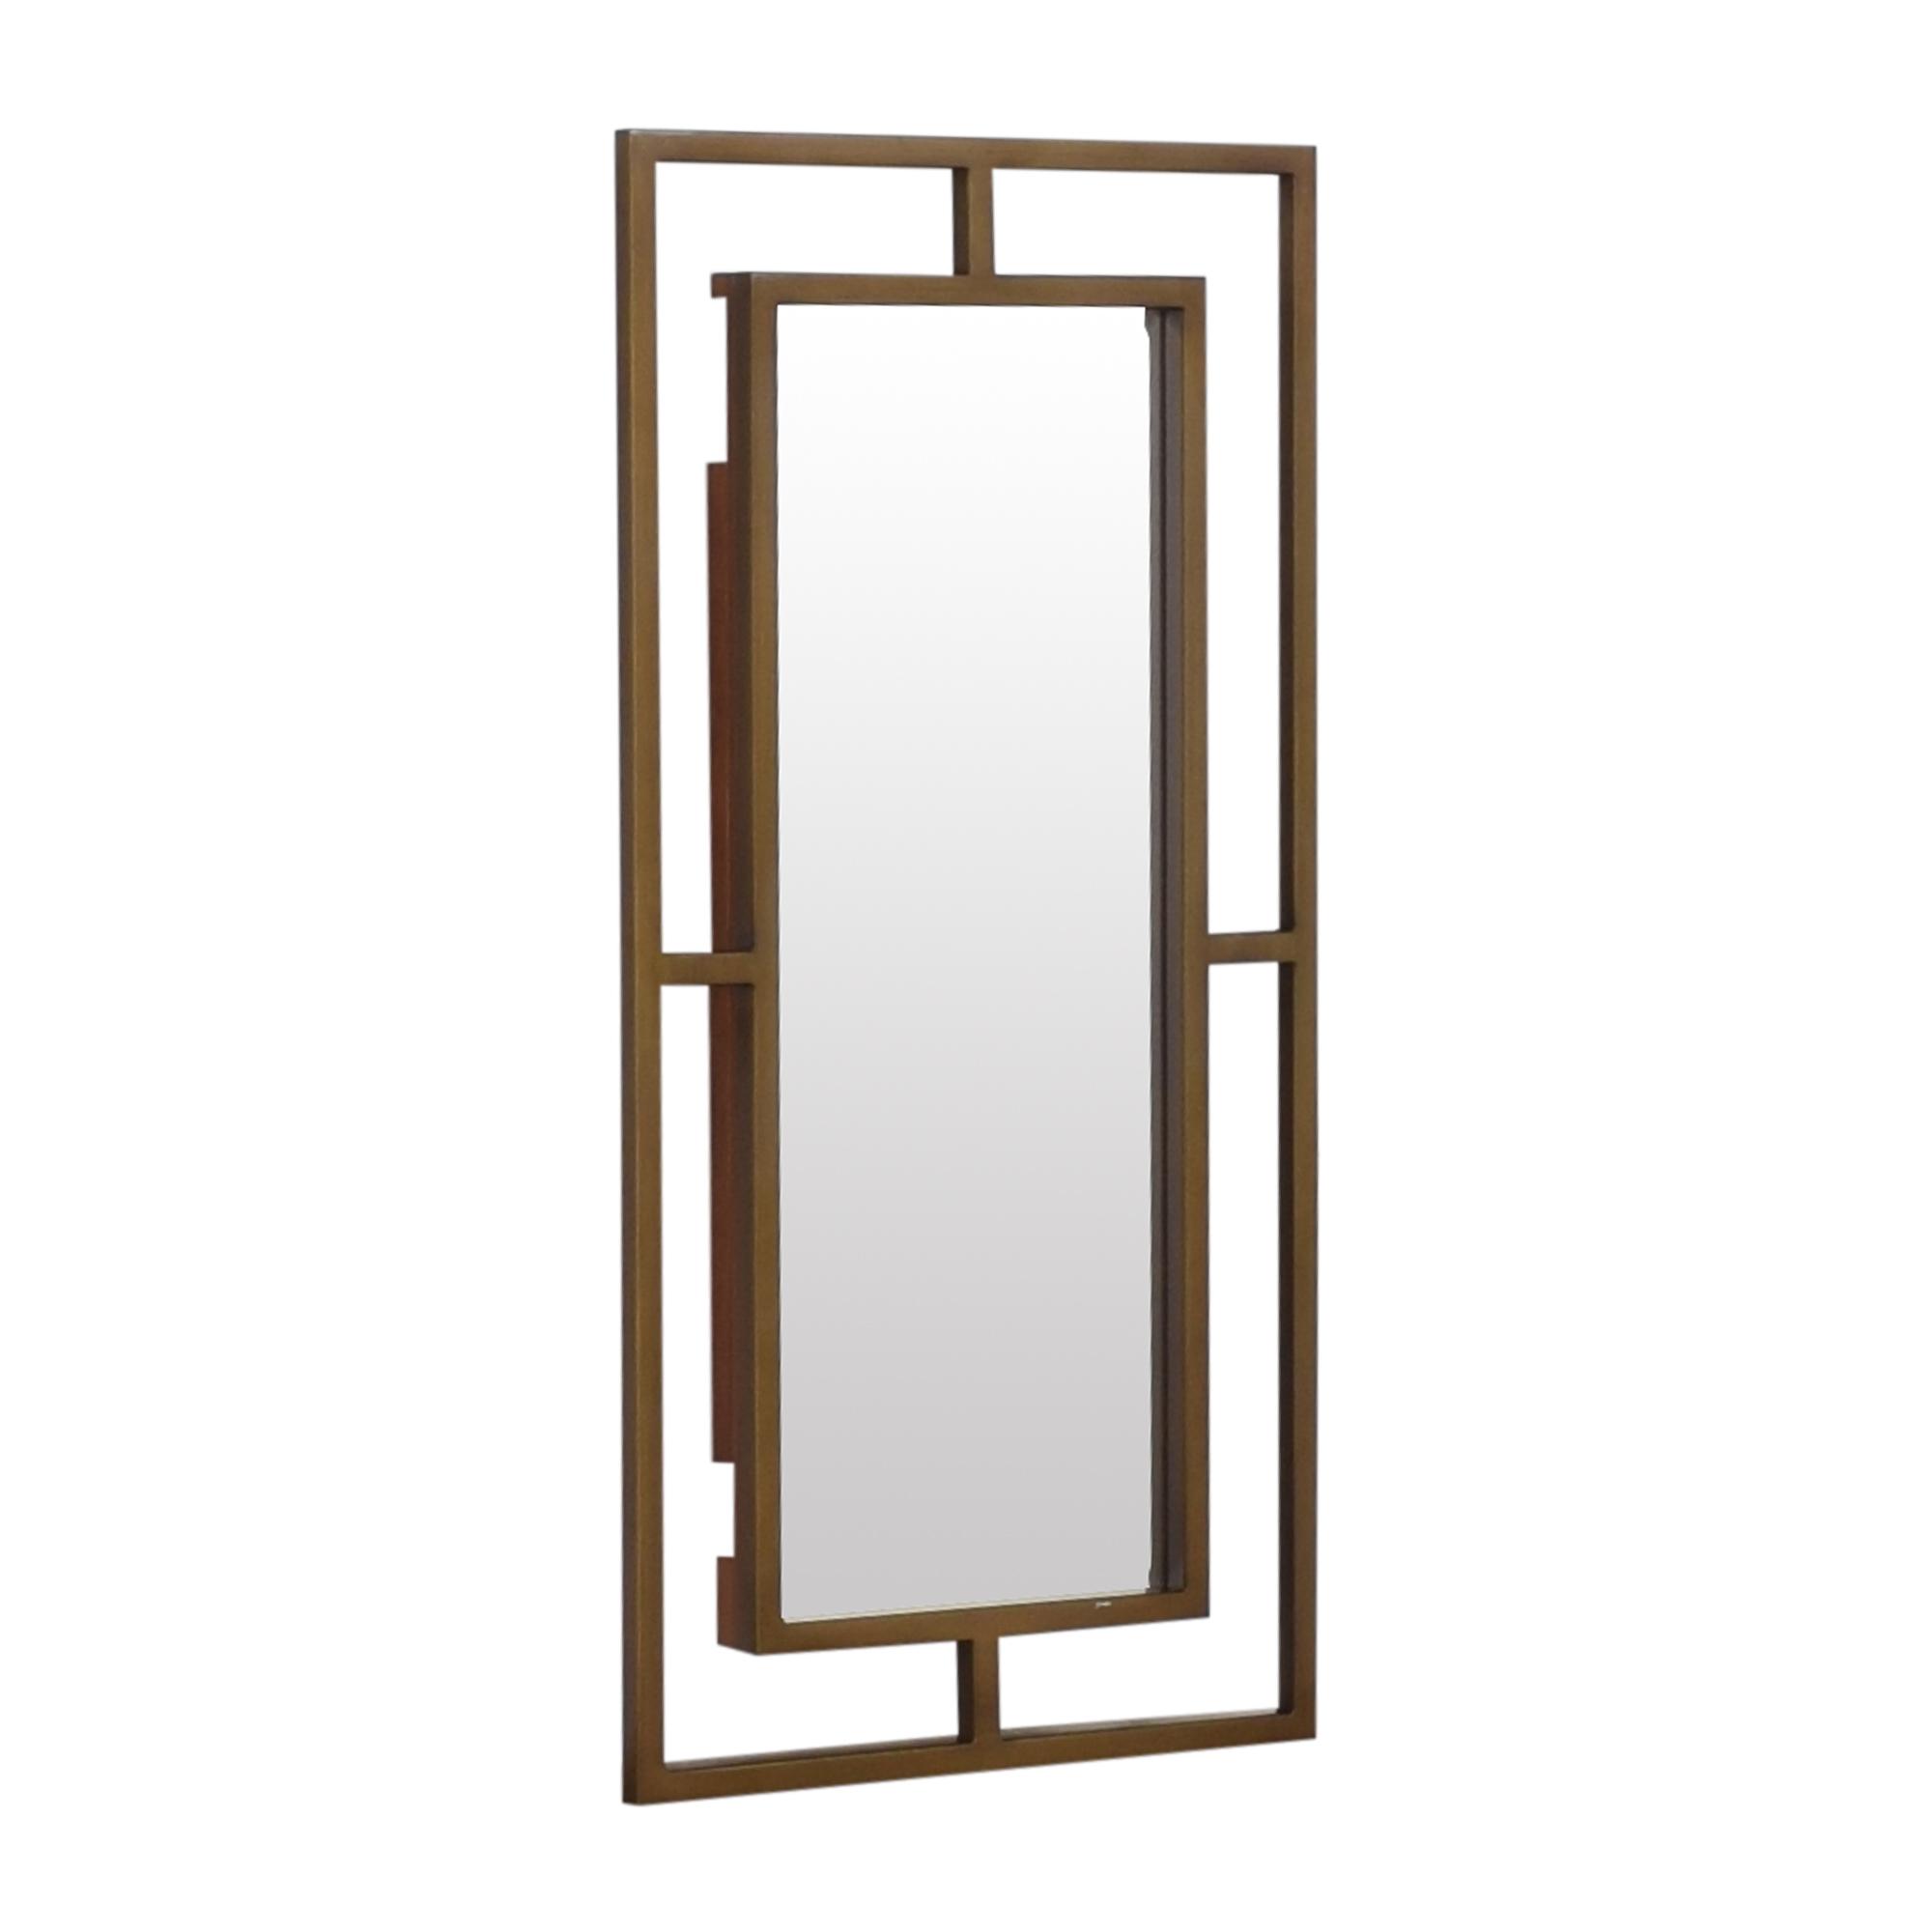 Mitchell Gold + Bob Williams Mitchell Gold + Bob Williams Ming Small Mirror nj